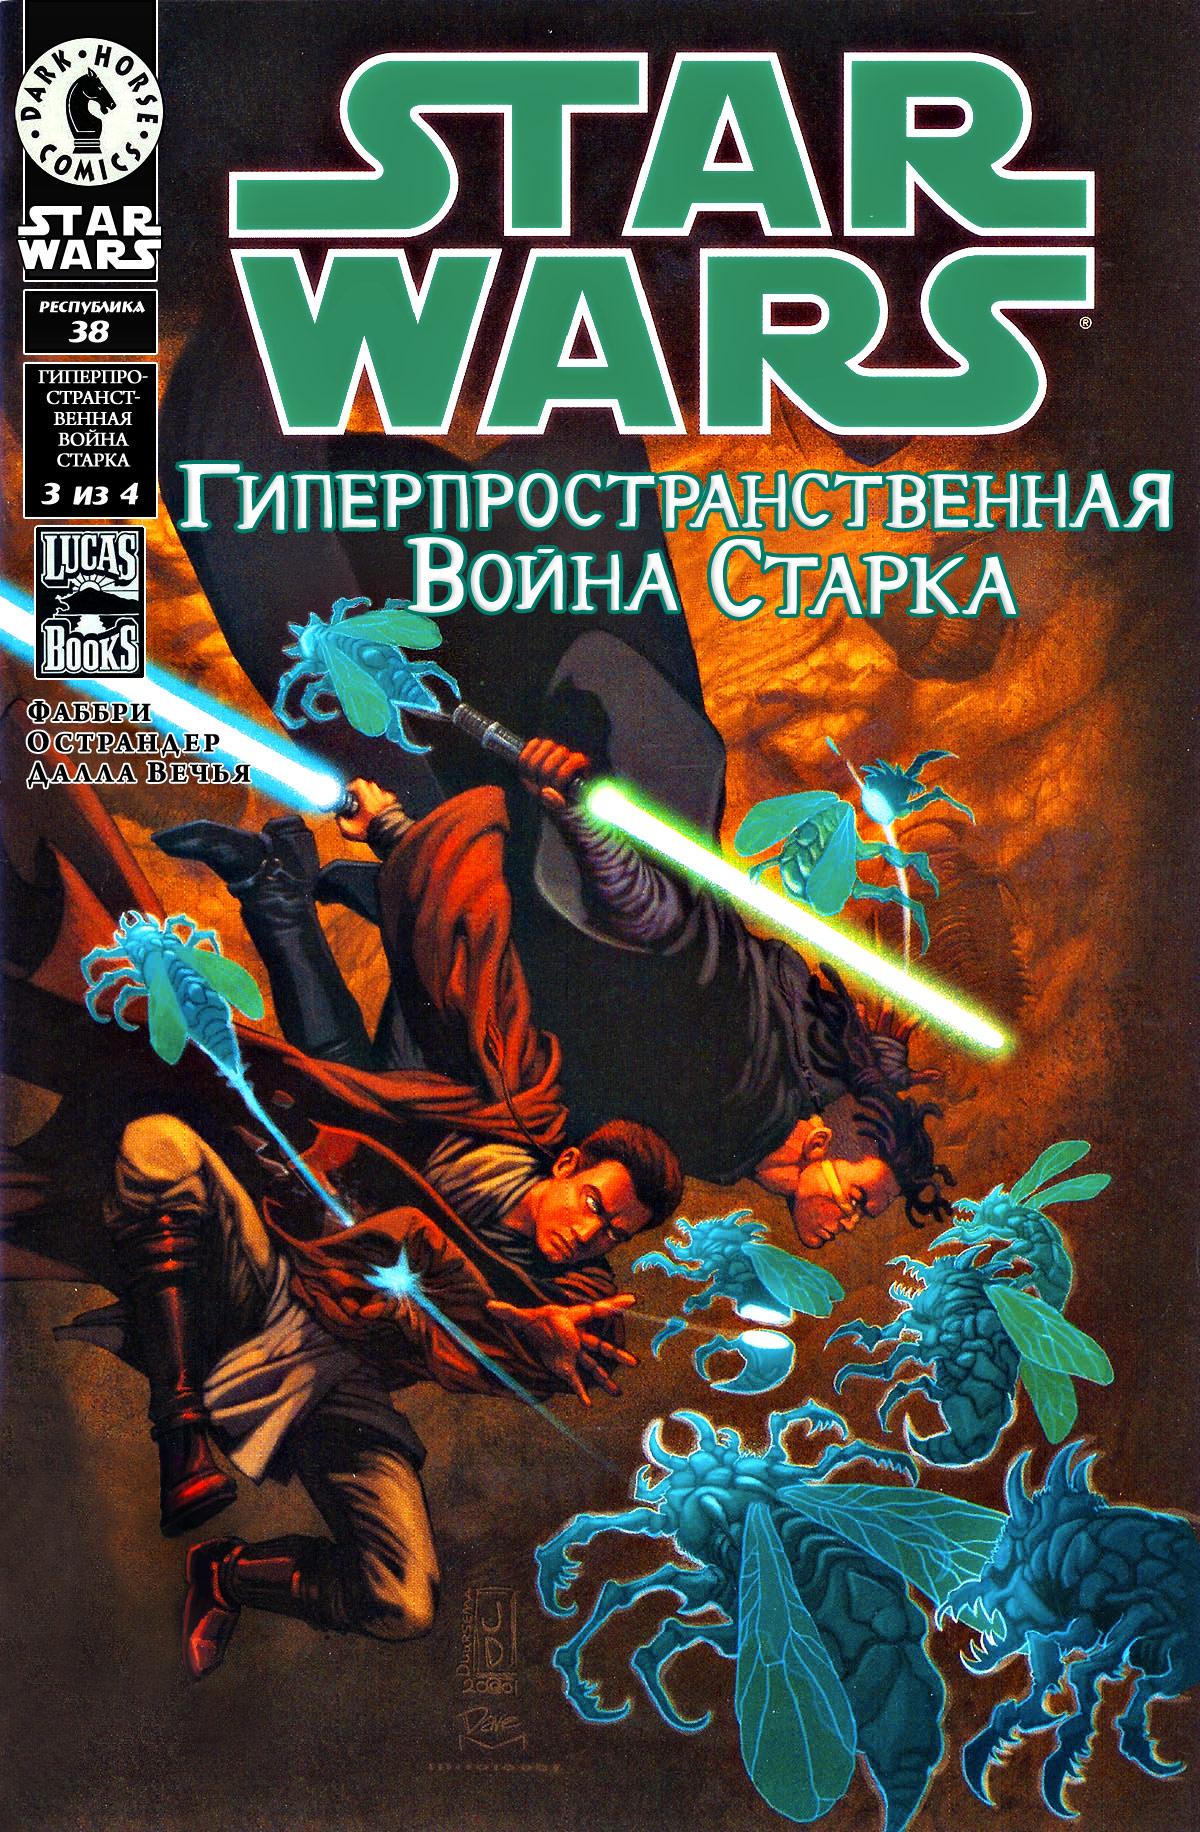 Звёздные войны. Республика 38: Гиперпространственная война Старка, часть 3